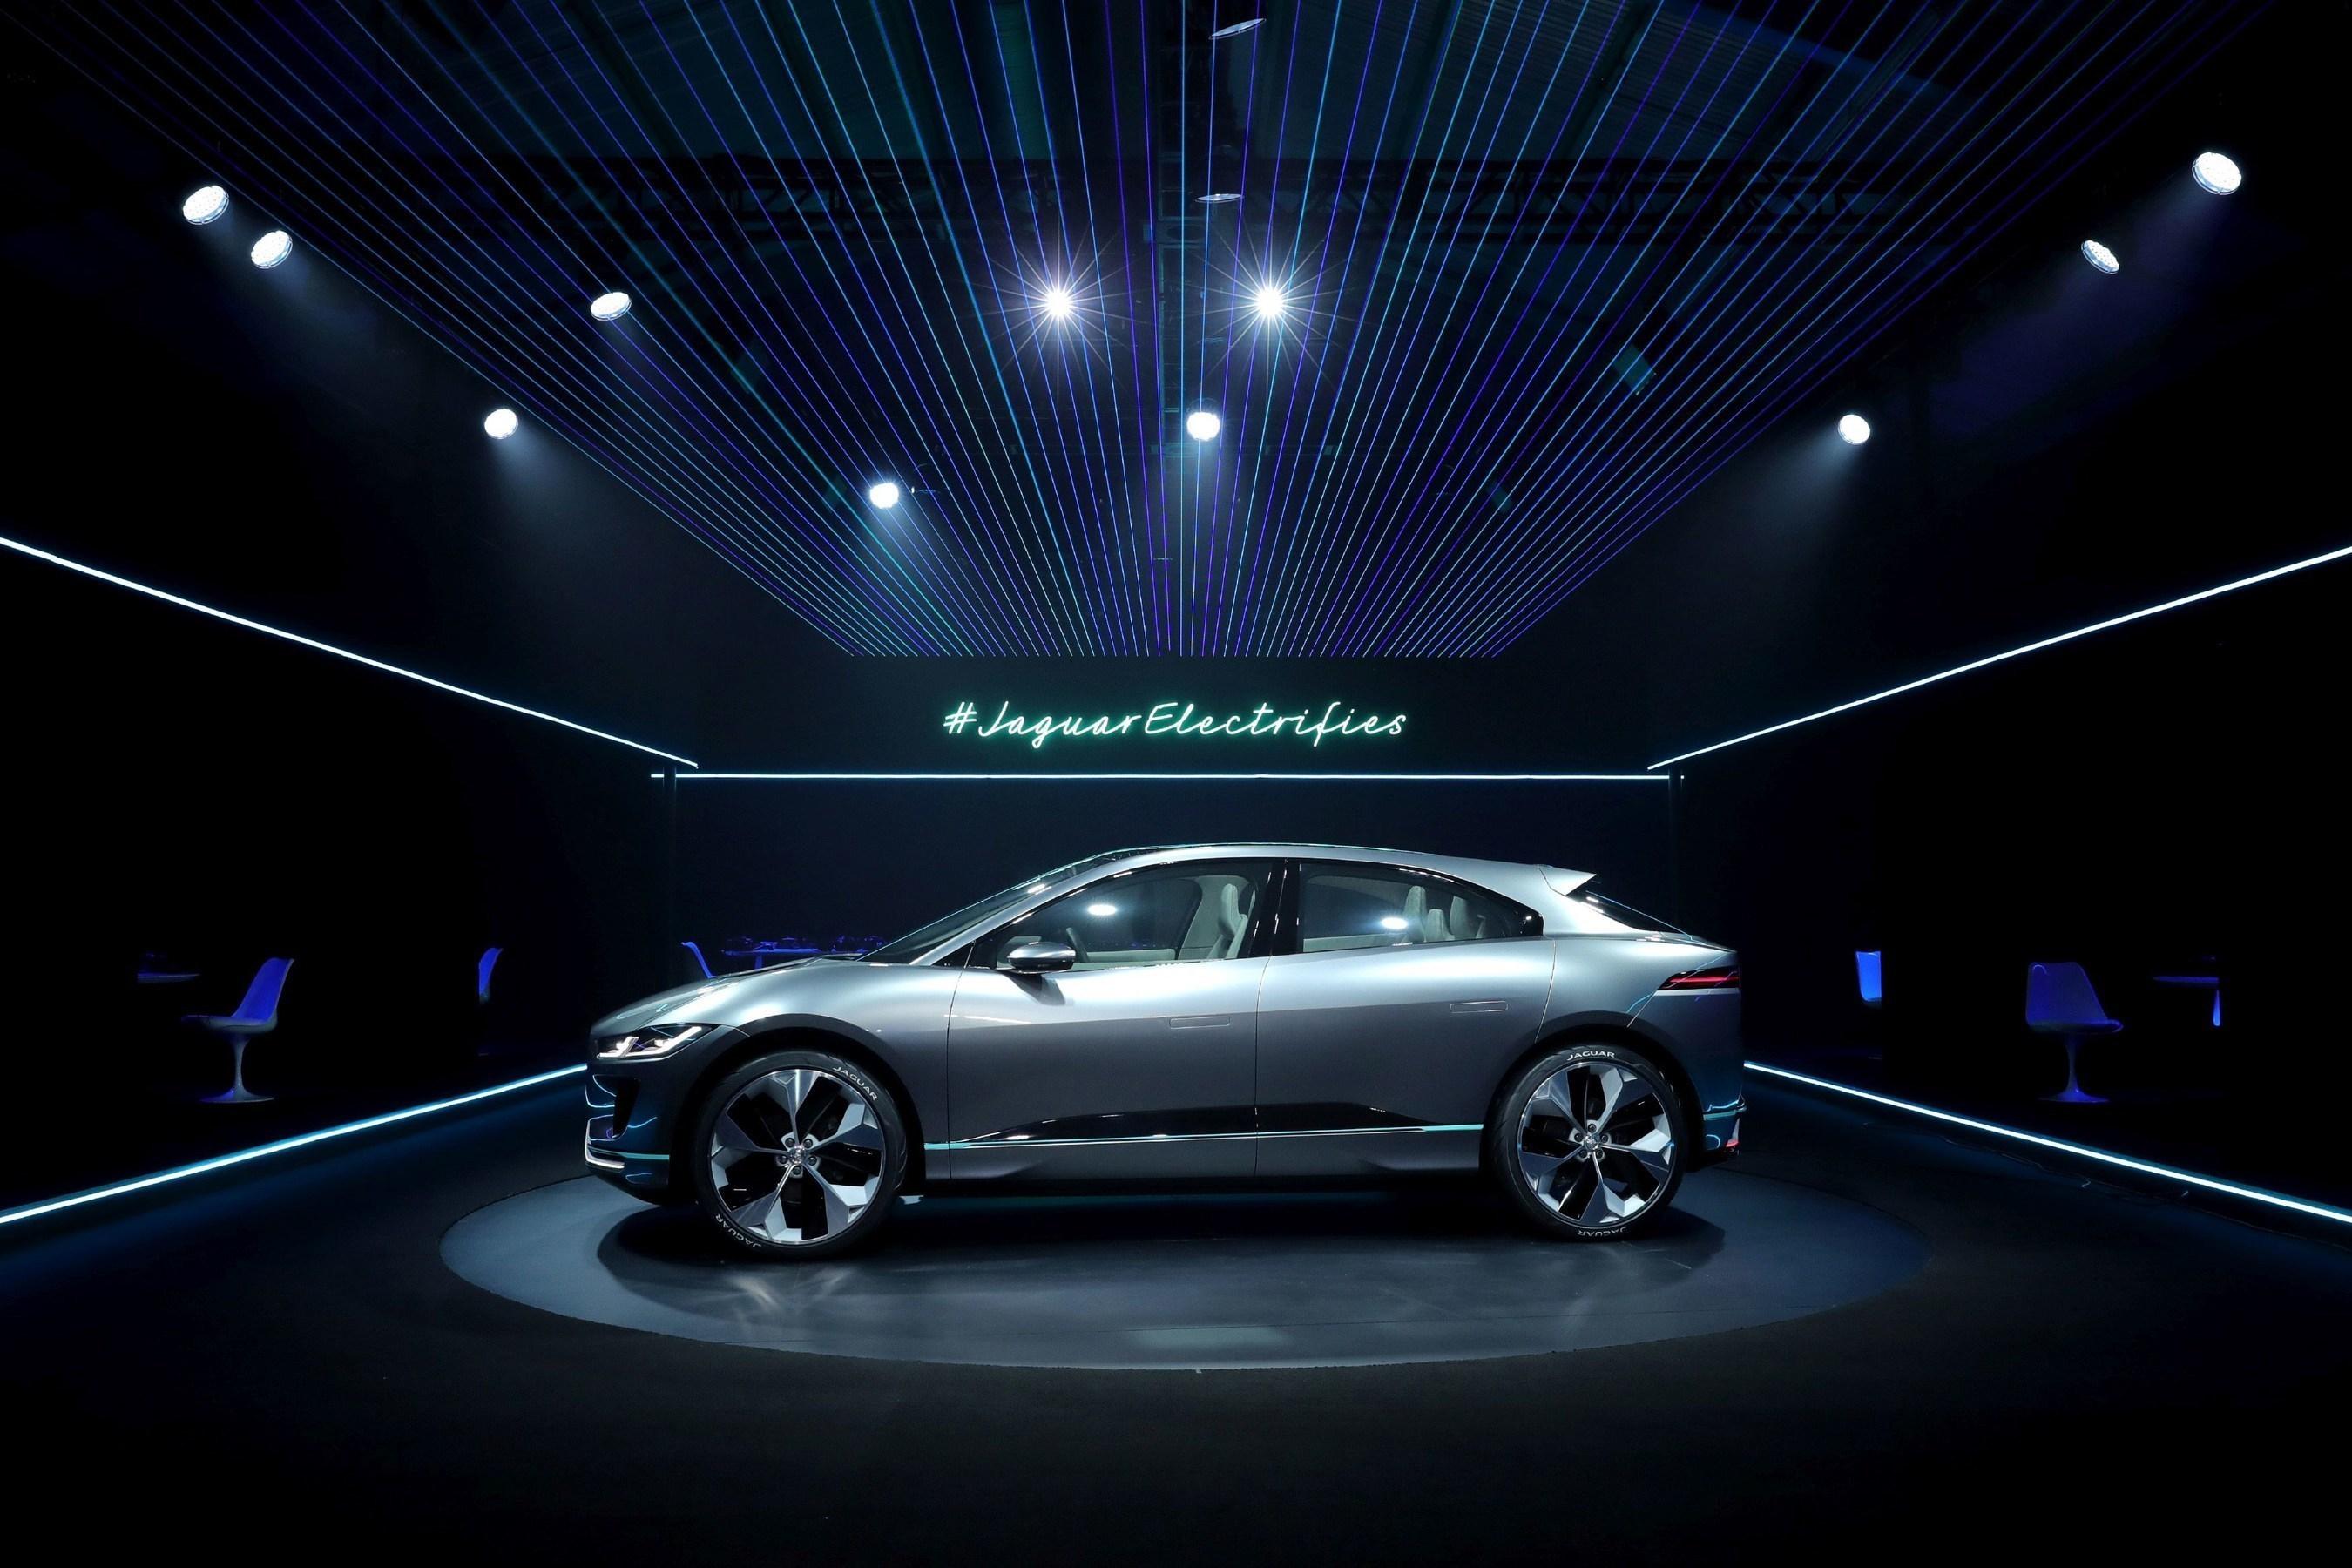 Jaguar Electrifies With I-PACE Concept Car